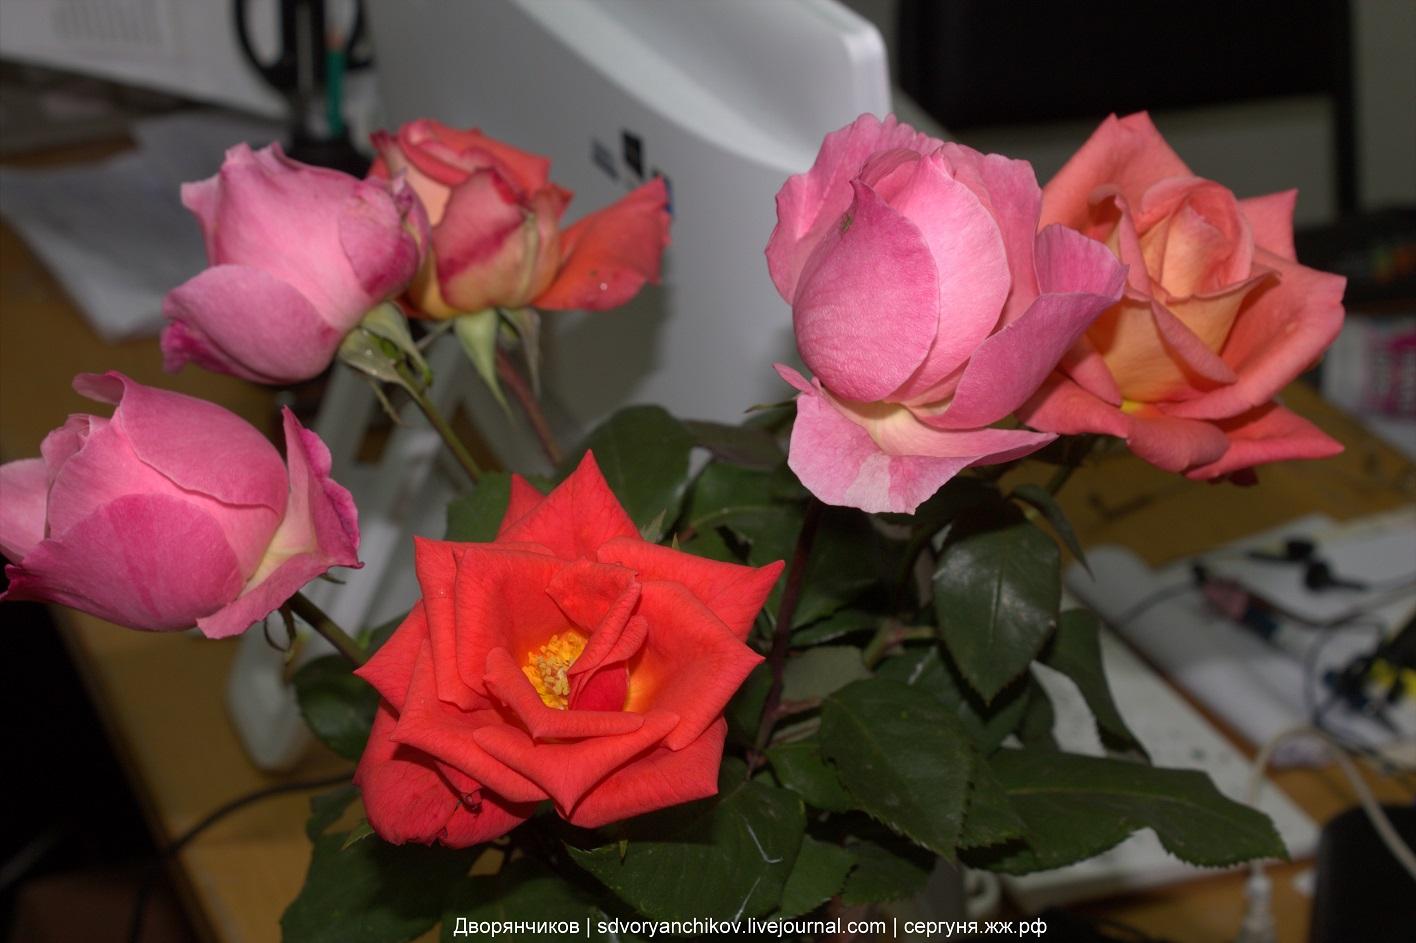 Розы  раскрыли бутоны - 19 октября 2016